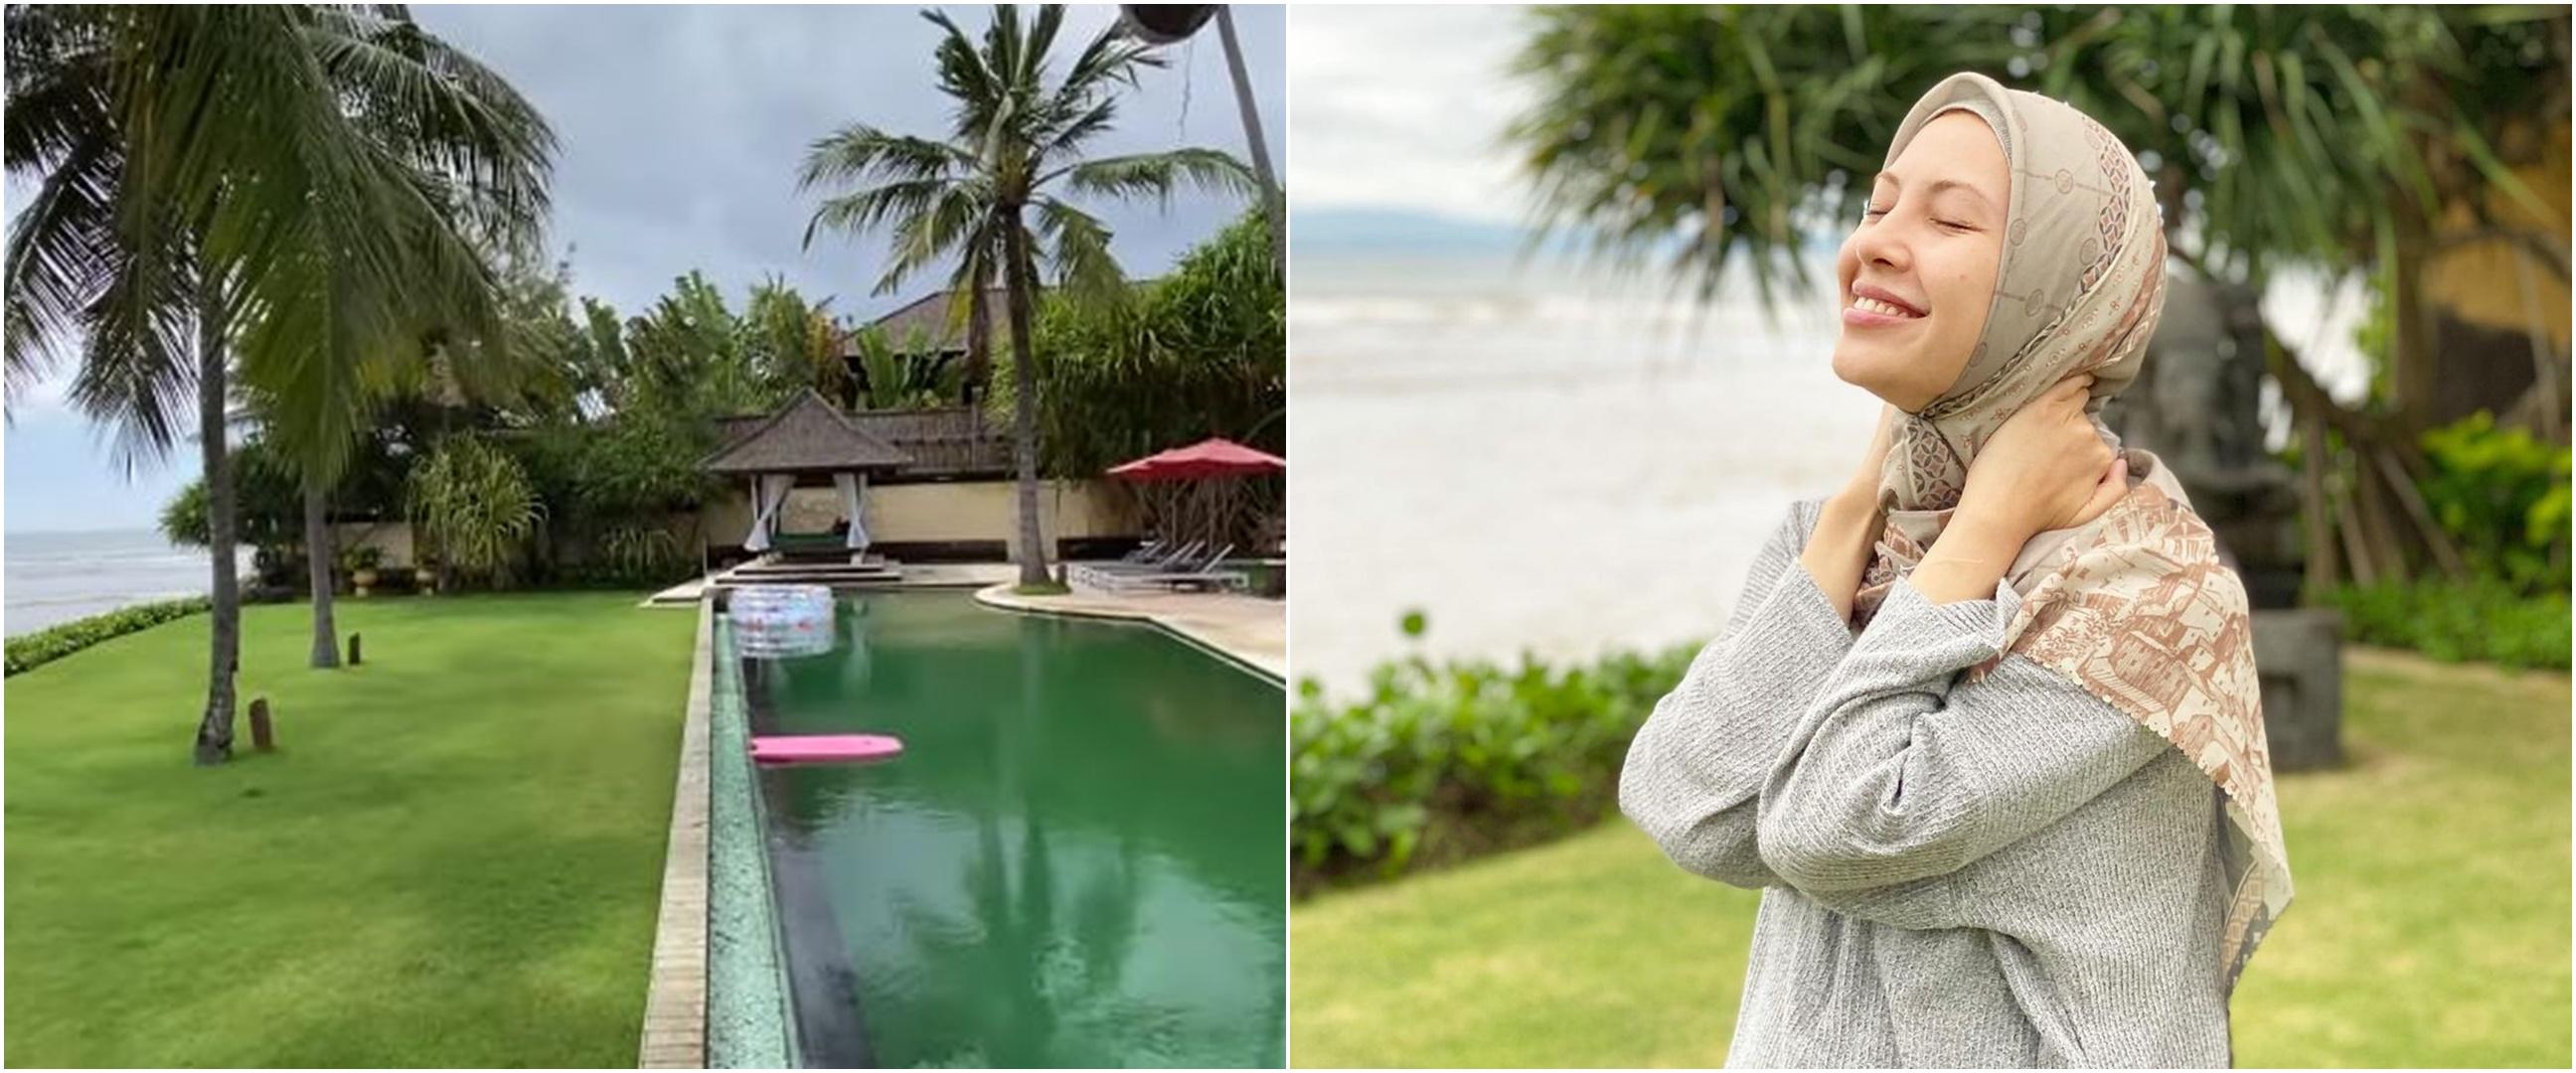 10 Potret rumah baru Ratna Galih di Bali, menghadap langsung ke laut